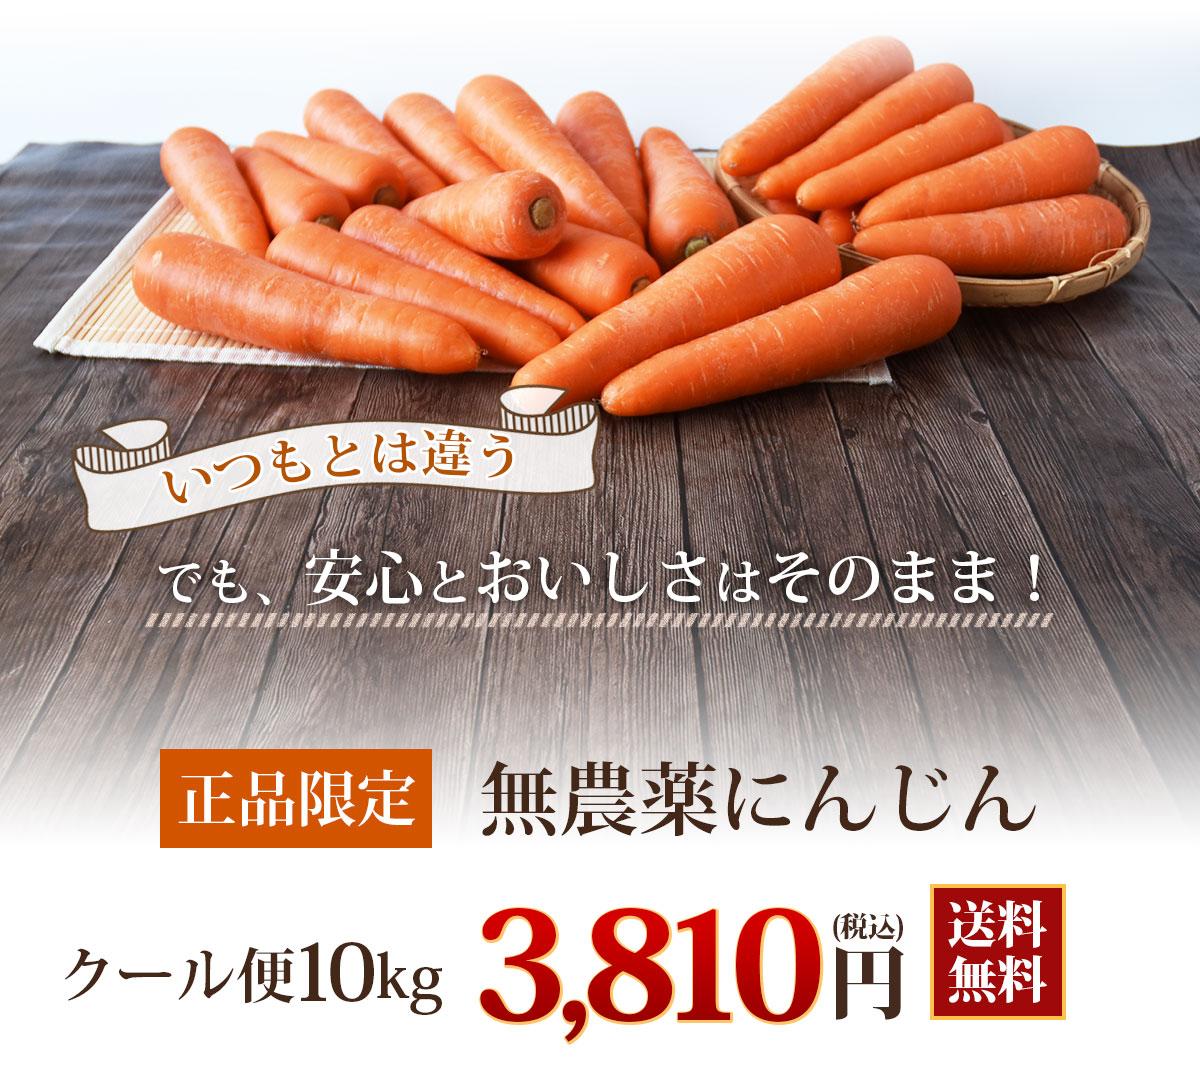 無農薬にんじん常温便10kg送料無料